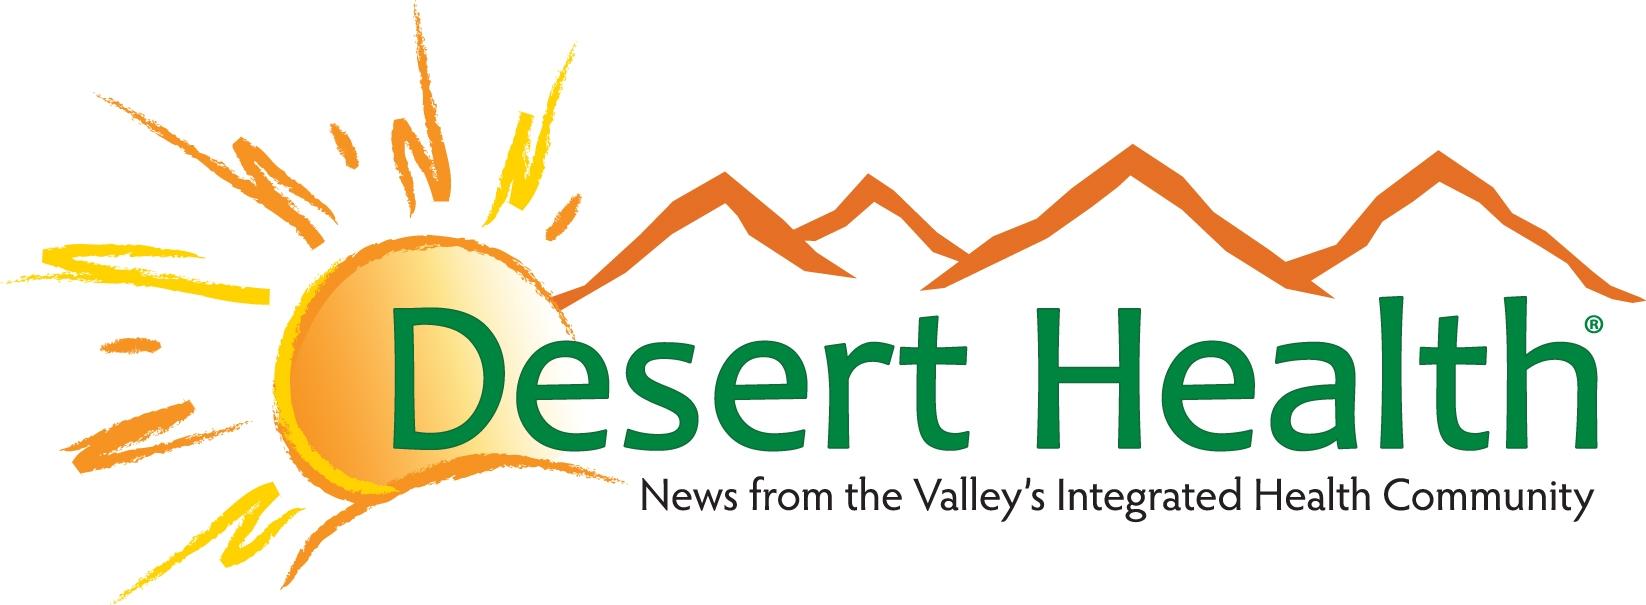 Desert Health